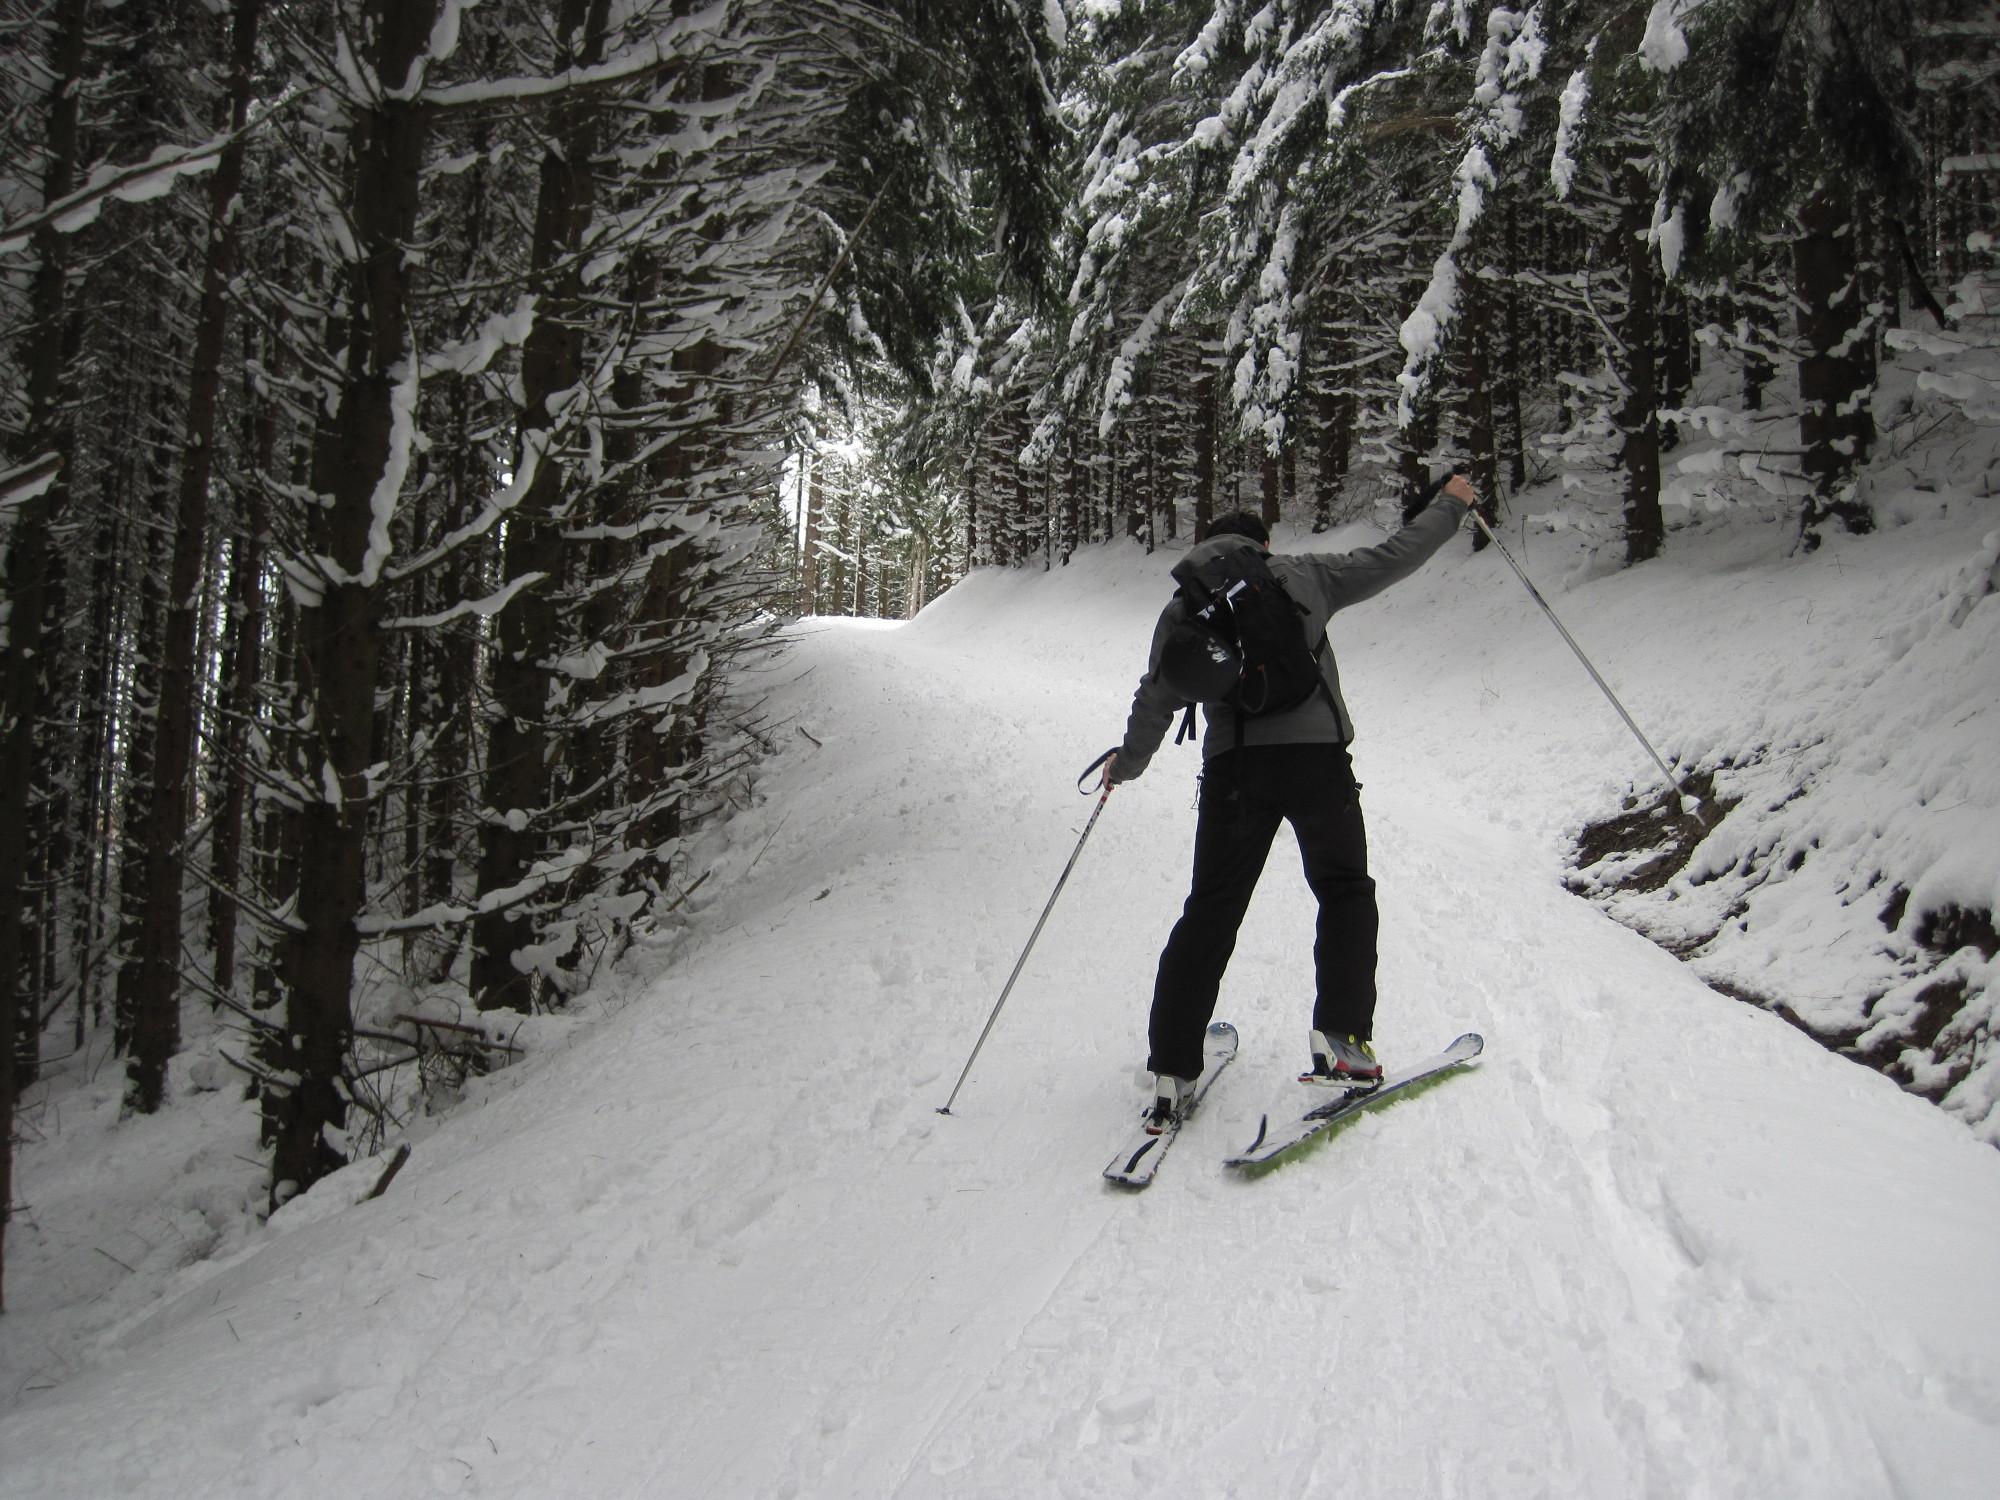 Hinterwaldkopf